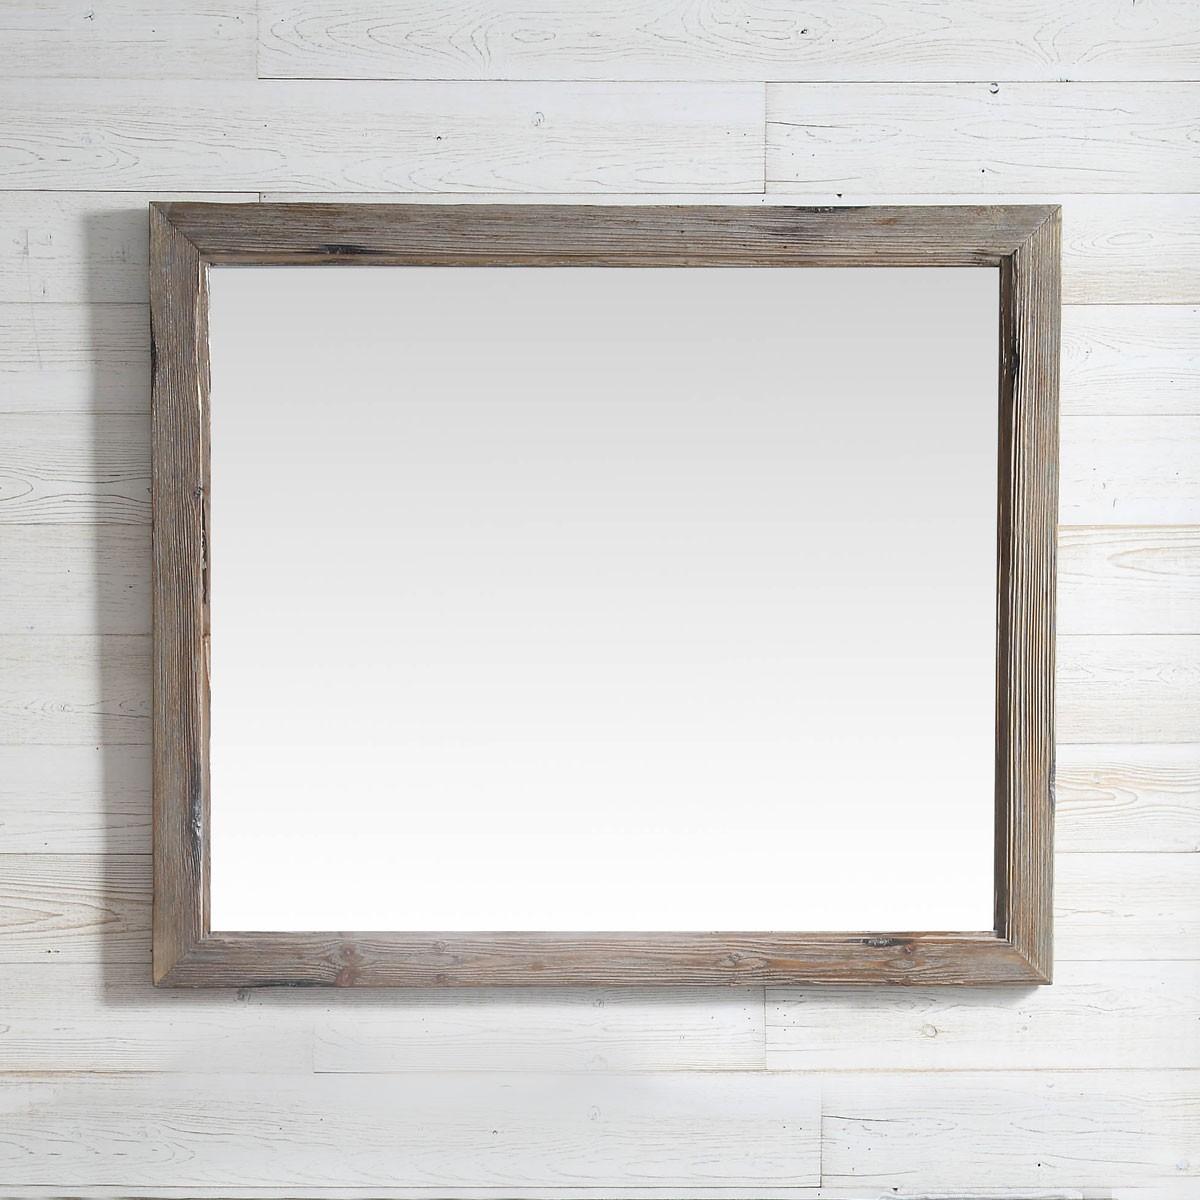 42 x 36 po Miroir pour Vanité avec Cadre en Bois de Sapin (DK-WH9342-LB)